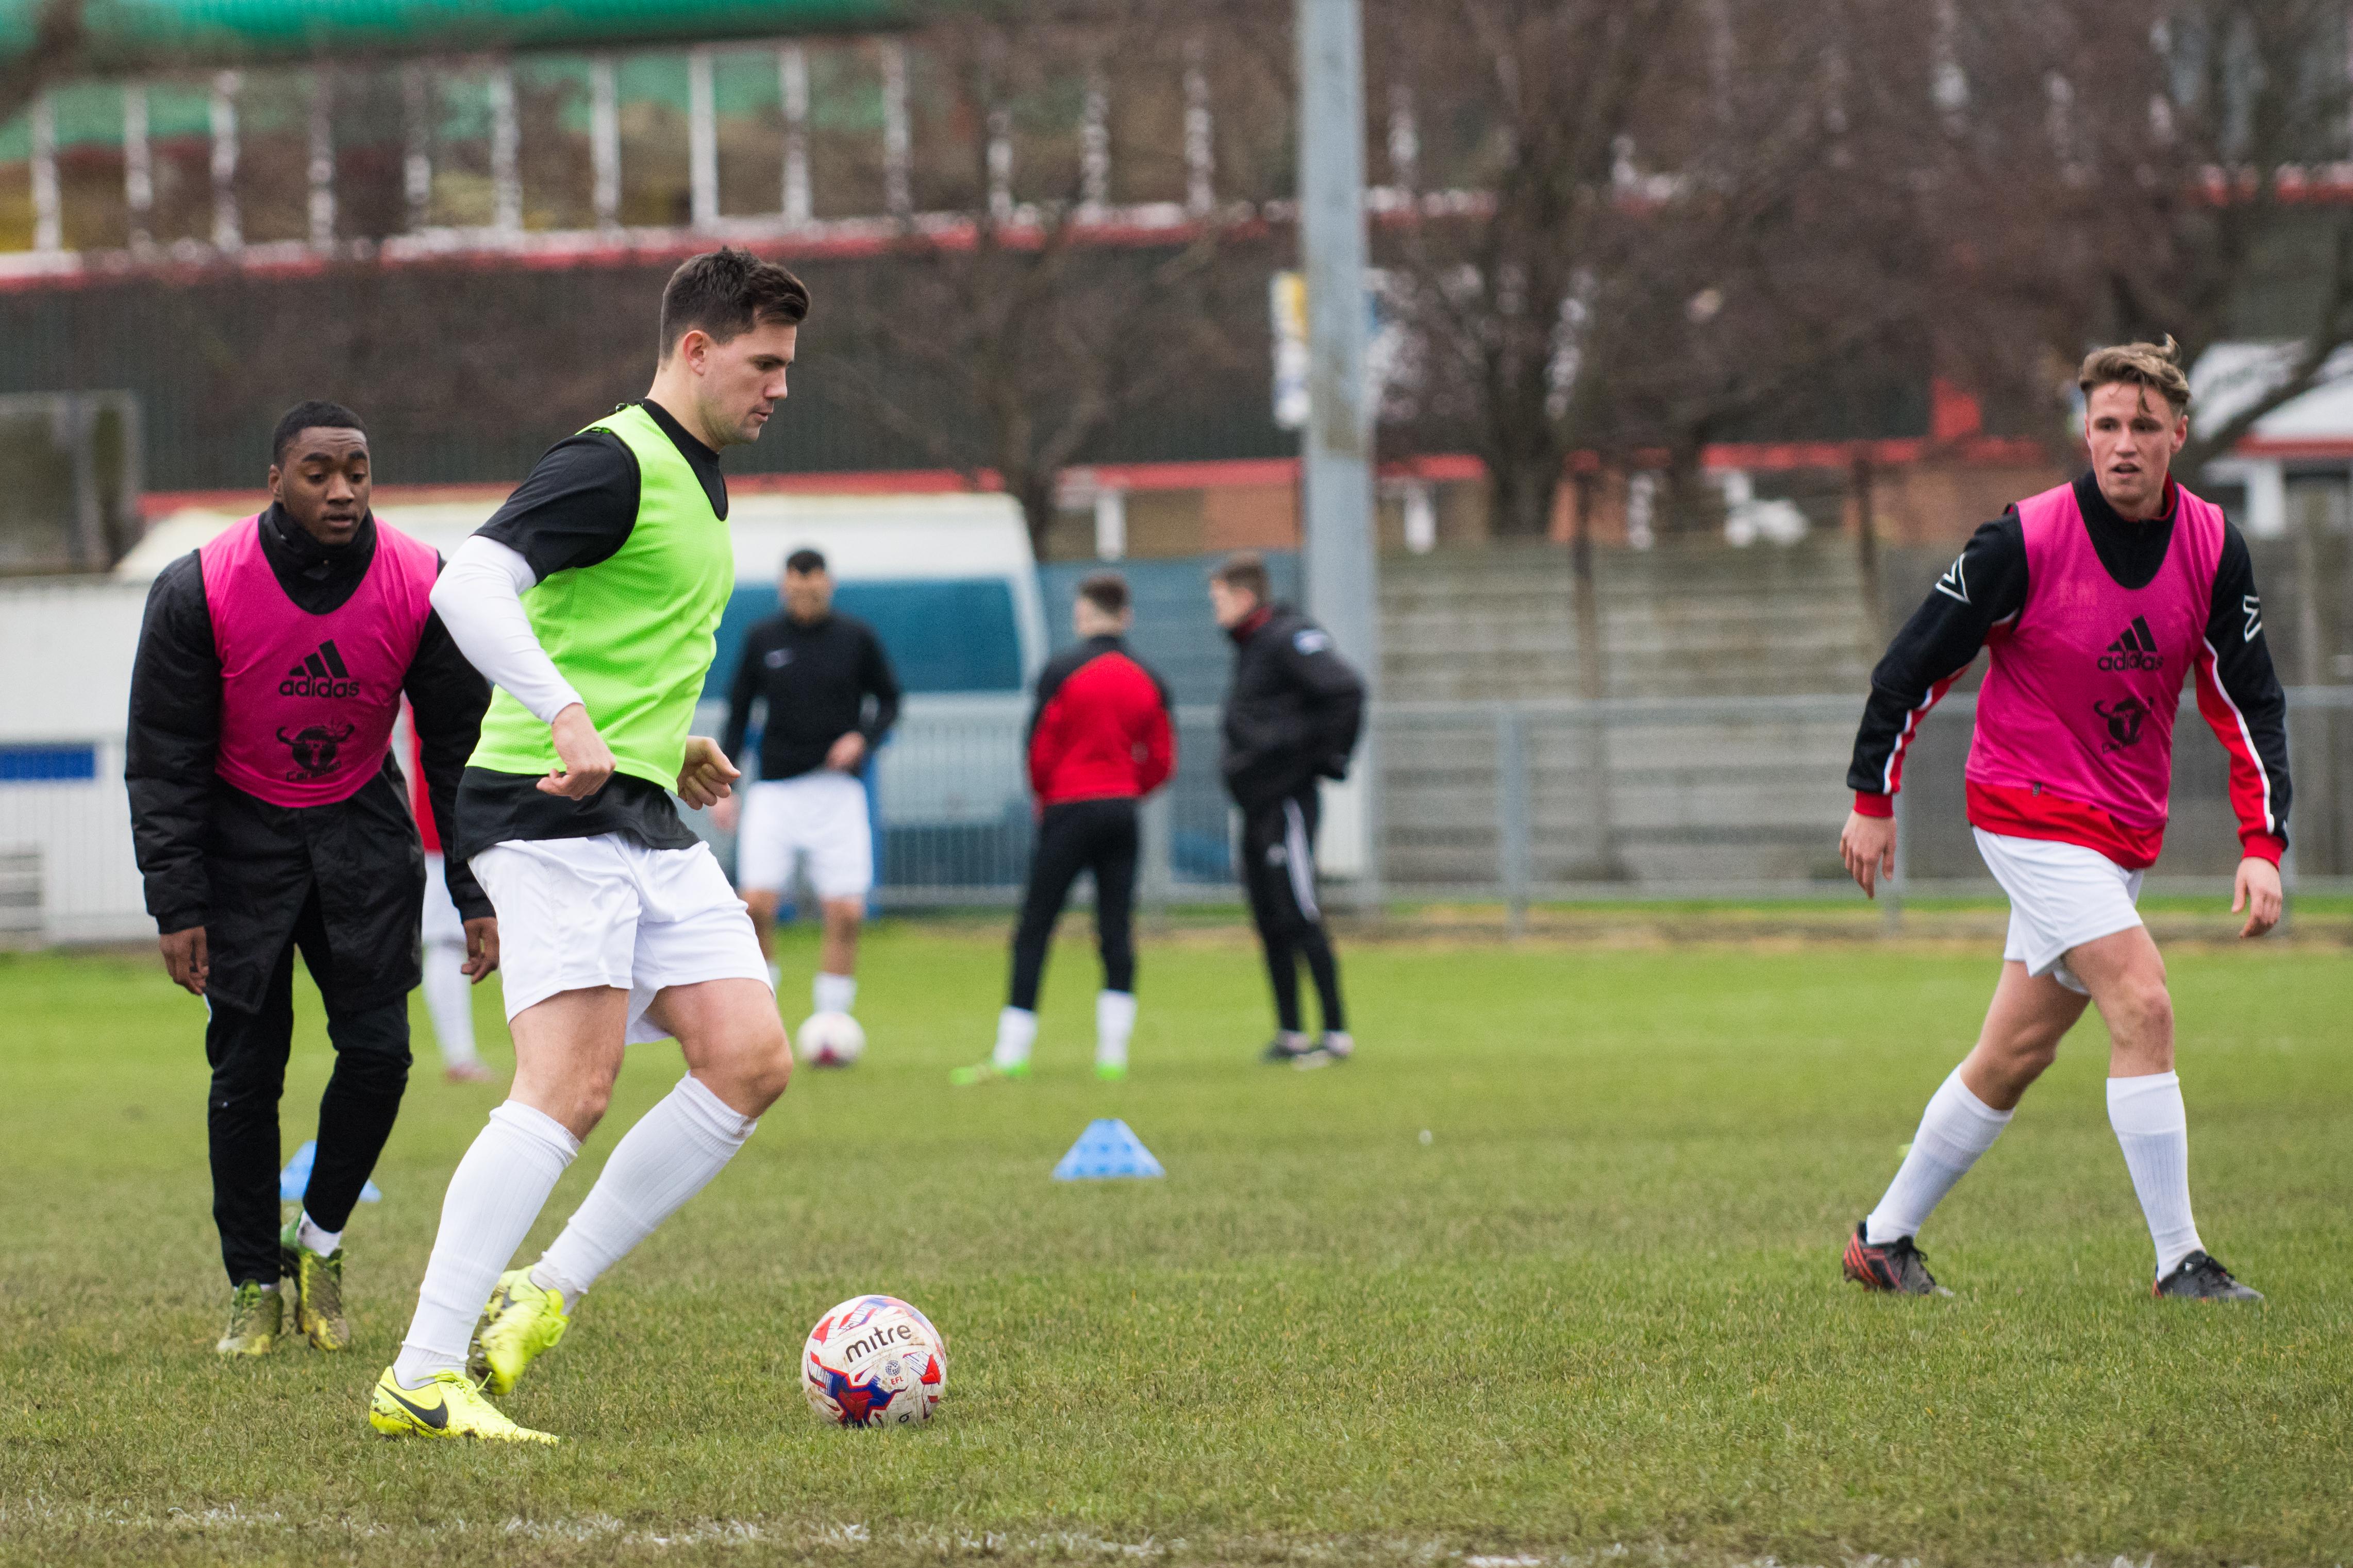 Shoreham FC vs Carshalton Ath 23.12.17 23